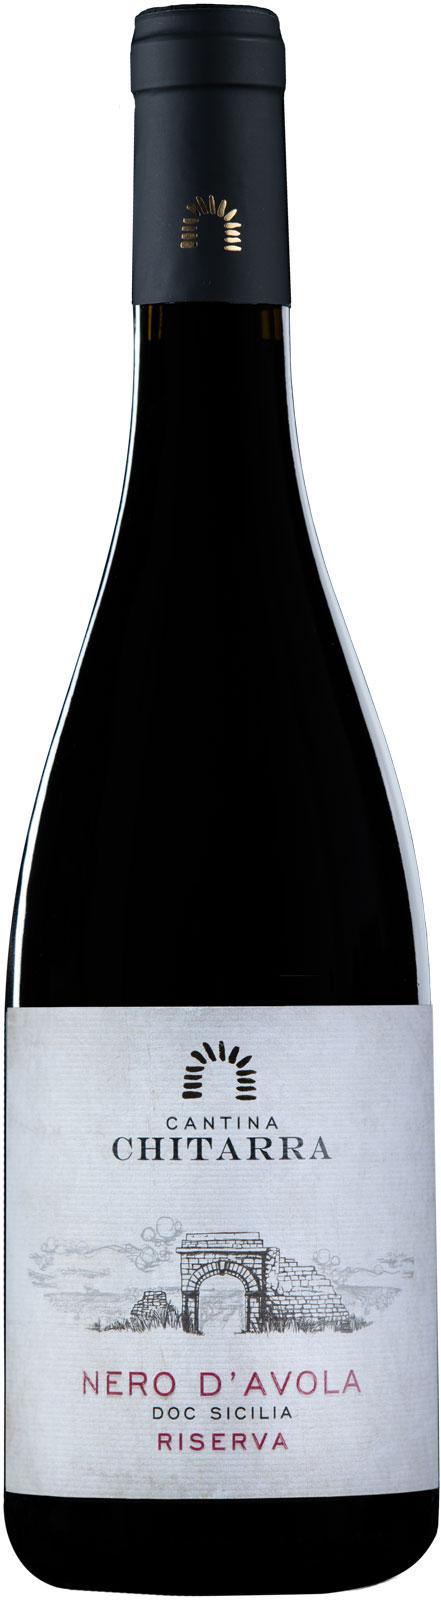 nero d'avola riserva